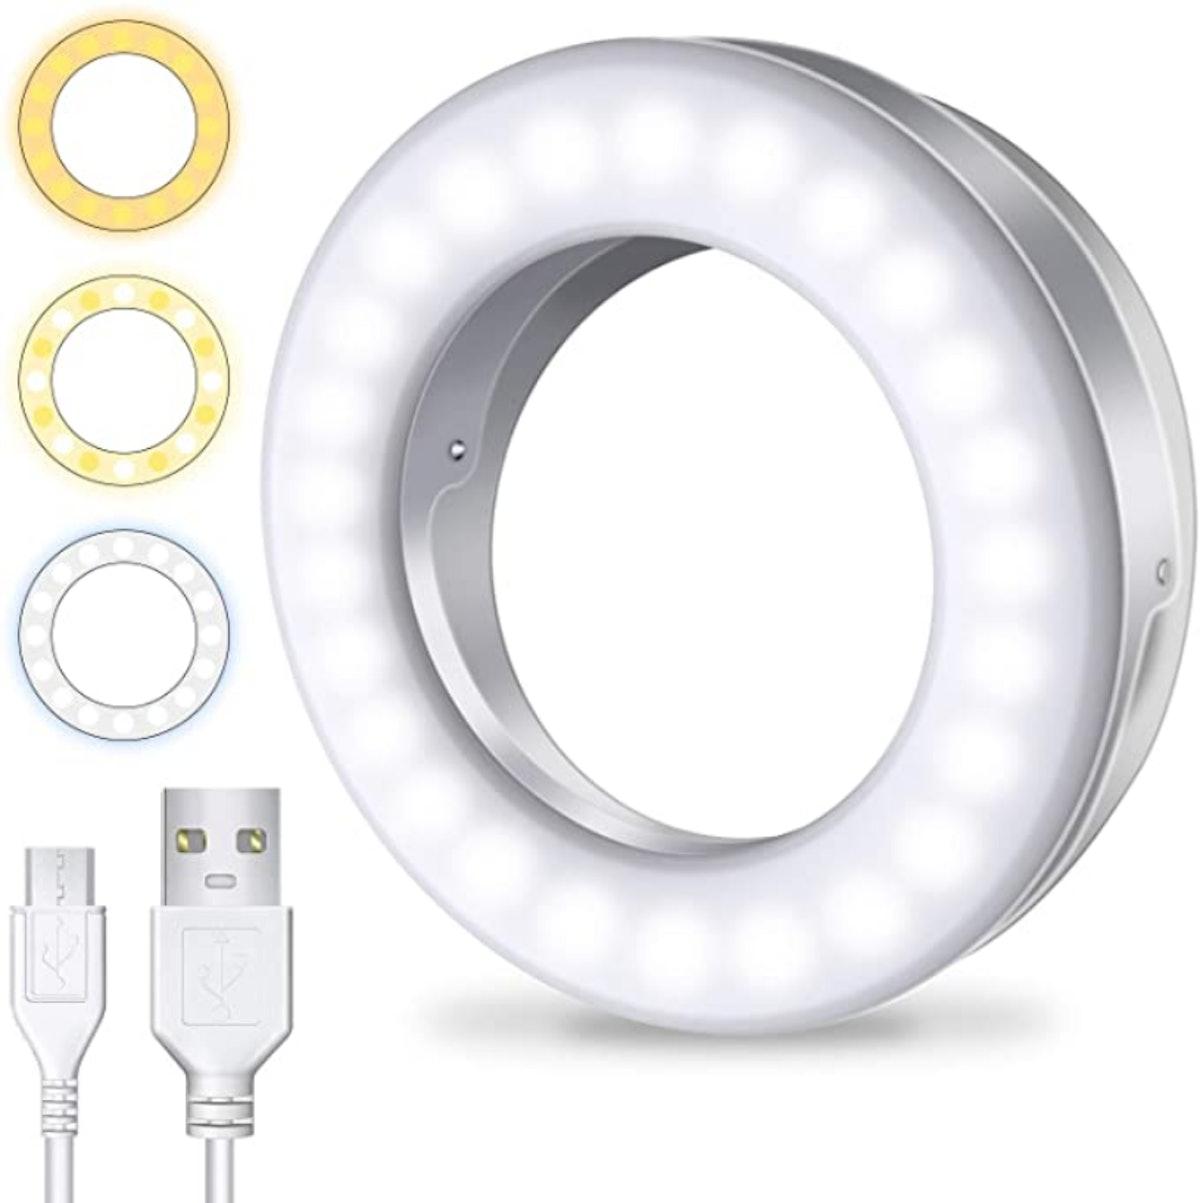 Meifigno Selfie Ring Light